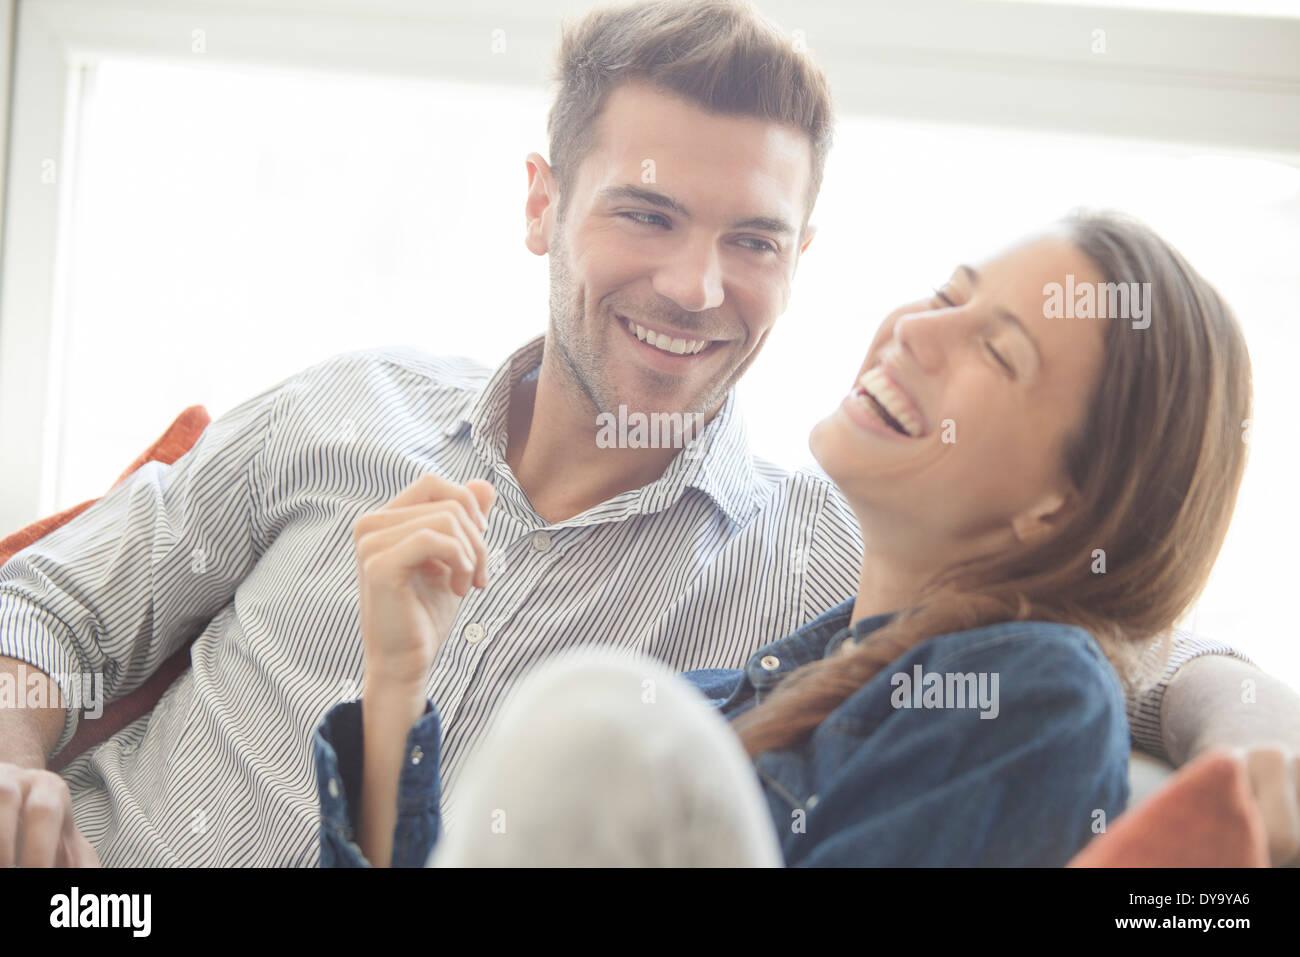 Giovane spendere tempo illuminante insieme a casa Immagini Stock